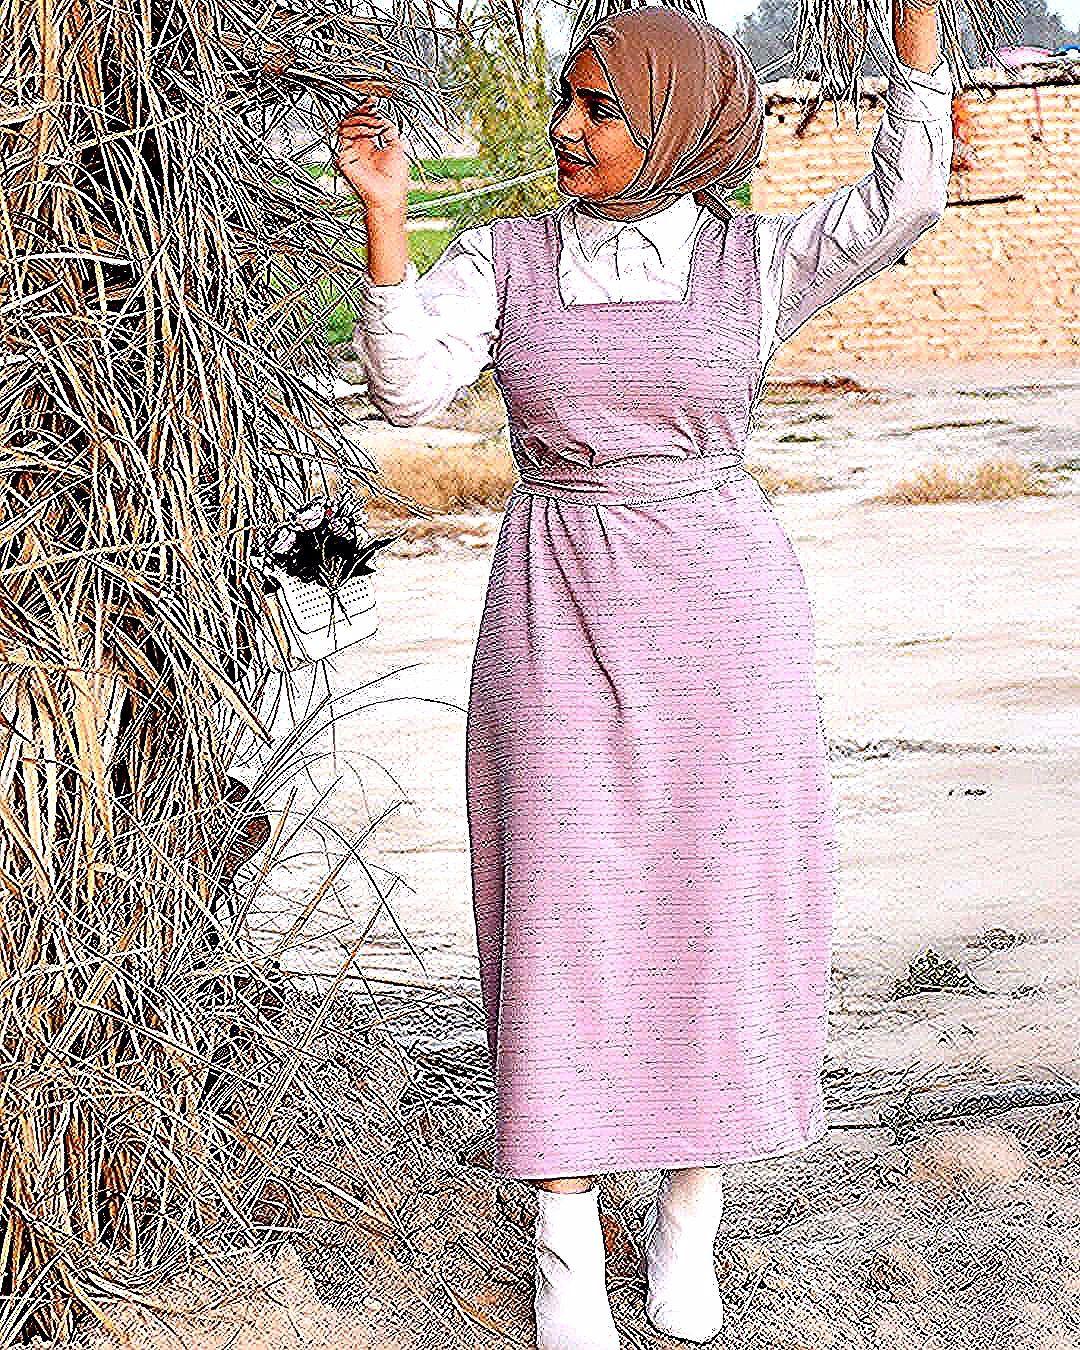 موديل 56 باللون البنفسجي الفاتح بخامة ثگيلة جودة عالية القياس والطول حسب الطلب والتوصيل موجود داخل العراق فقط ا Bodycon Dress Fashion Dresses